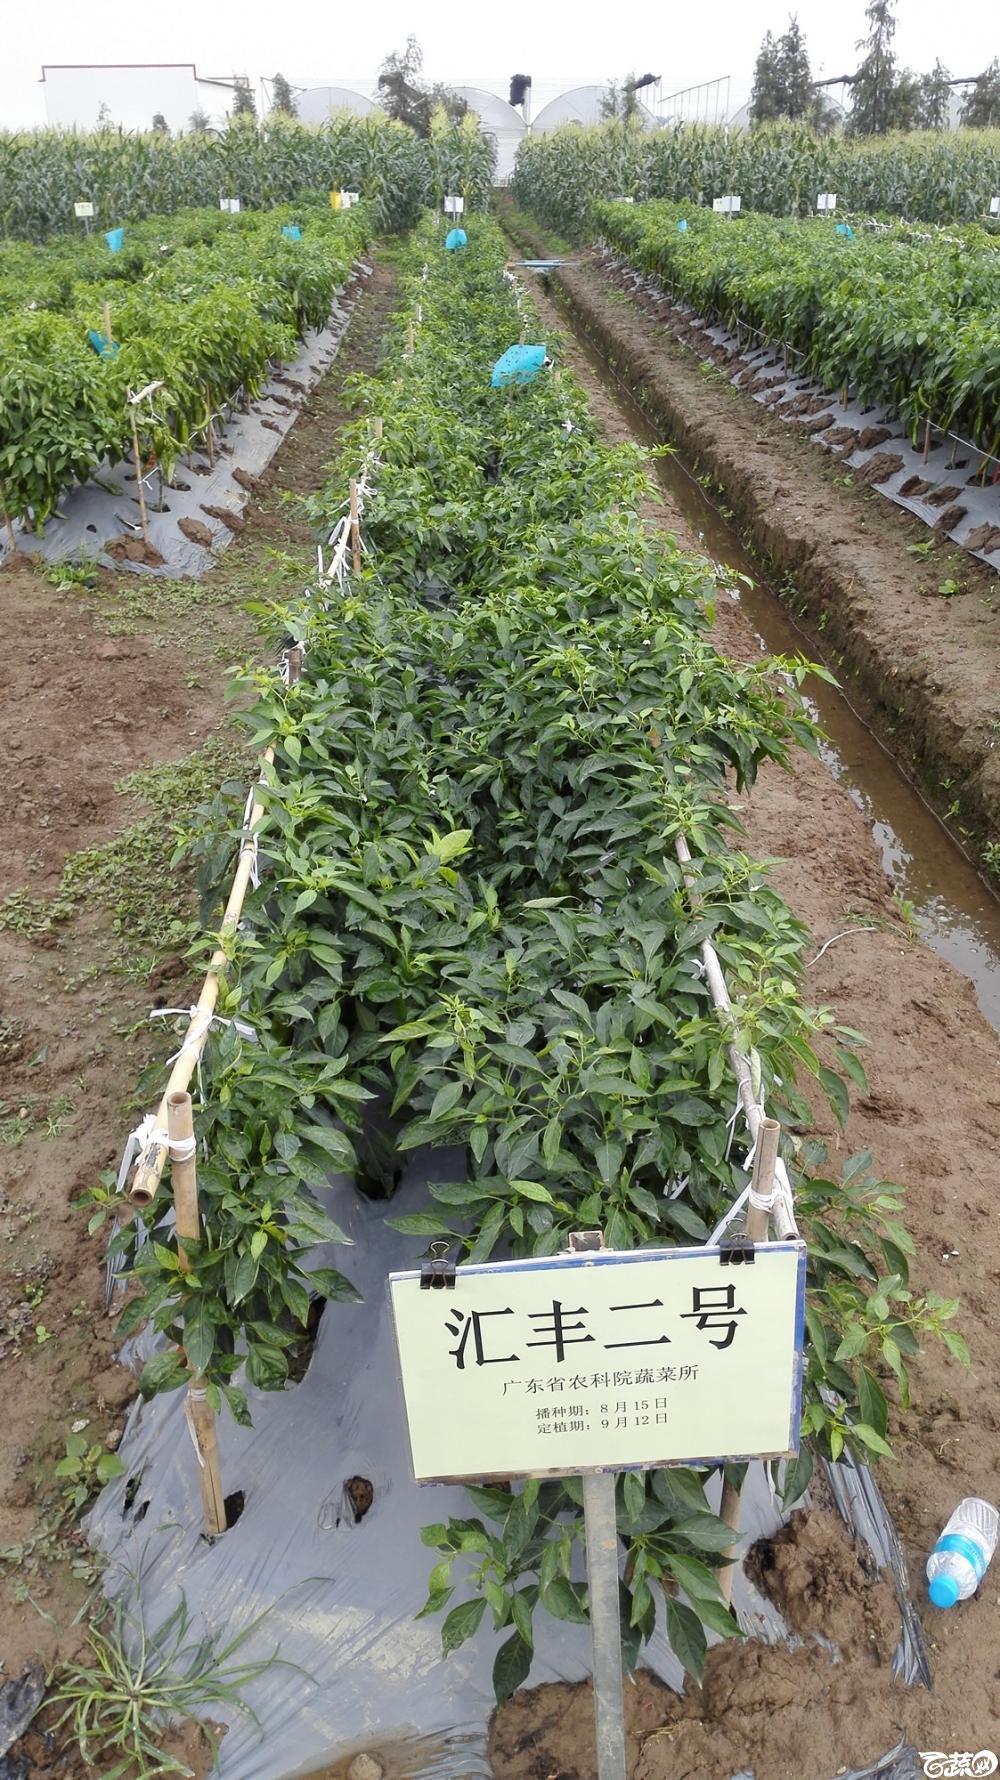 2014年12月8号中山蔬菜新品种展示会_甜玉米_211.jpg